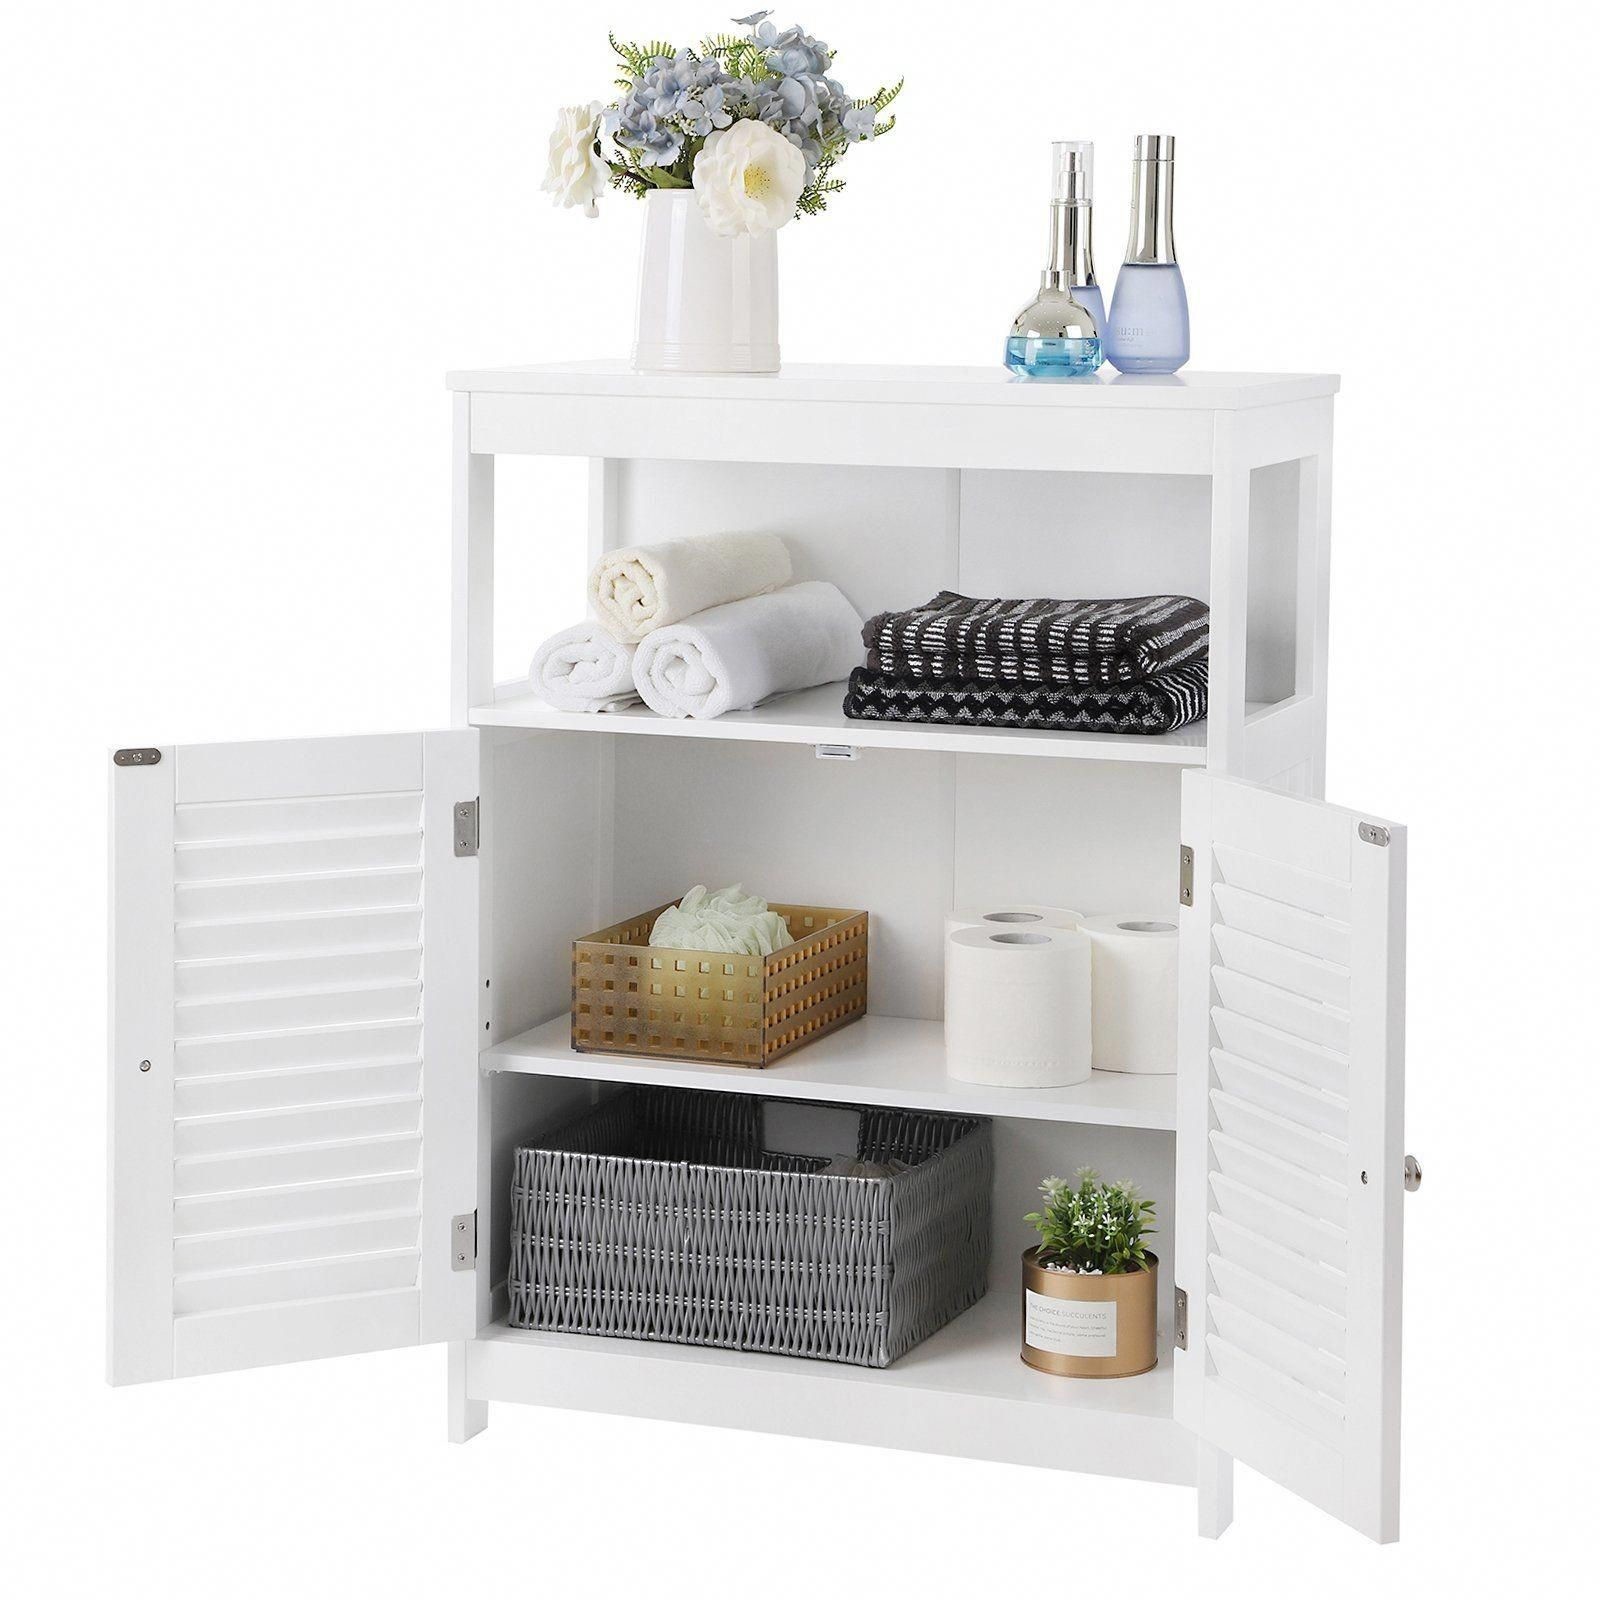 White Freestanding Bathroom Cabinet Lovely Songmics Bathroom